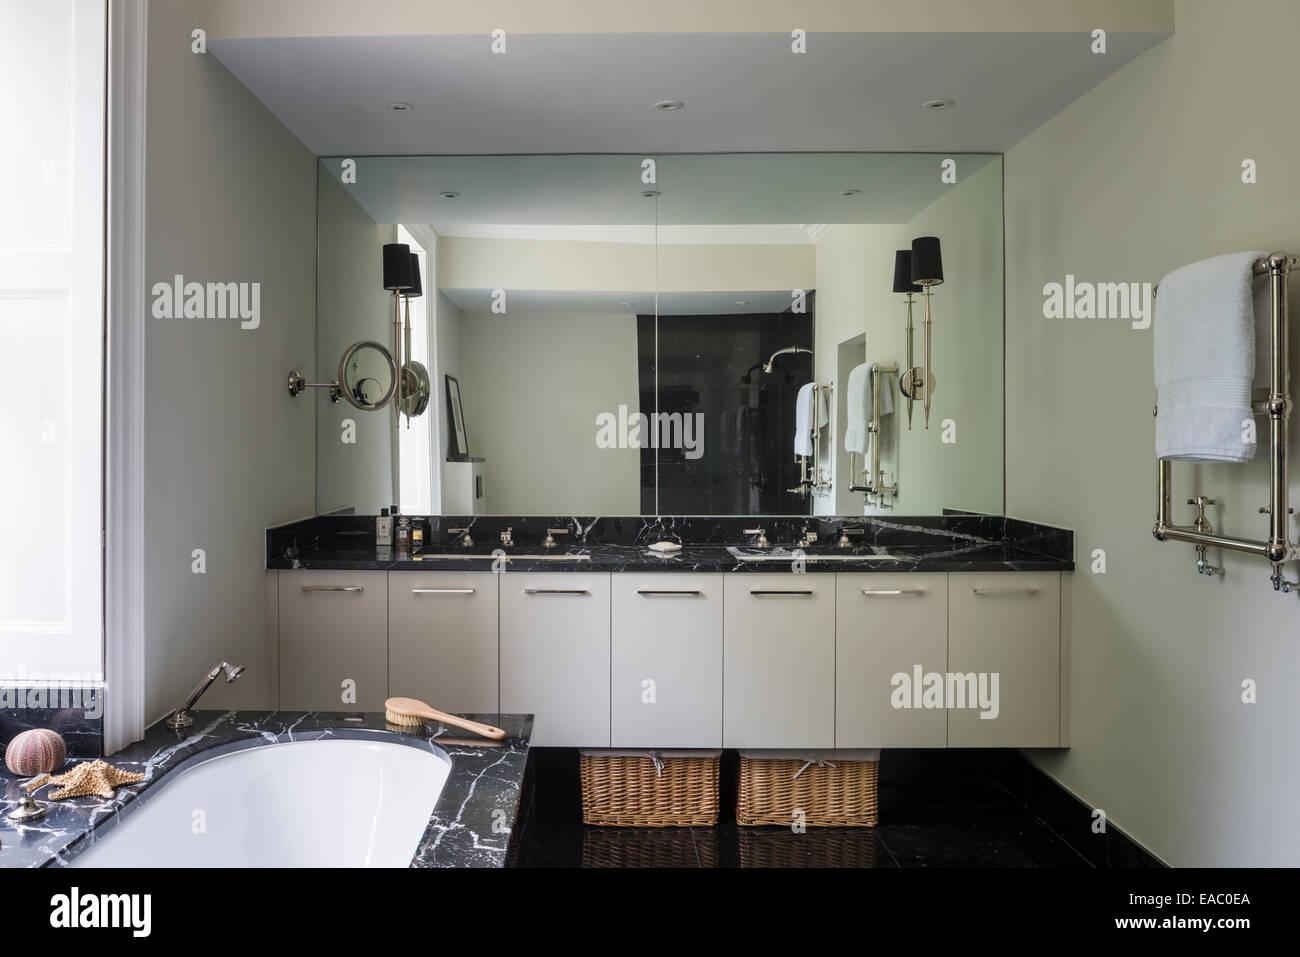 Bagni In Marmo Nero : Italiano nero maquino marmo nella stanza da bagno con parete a